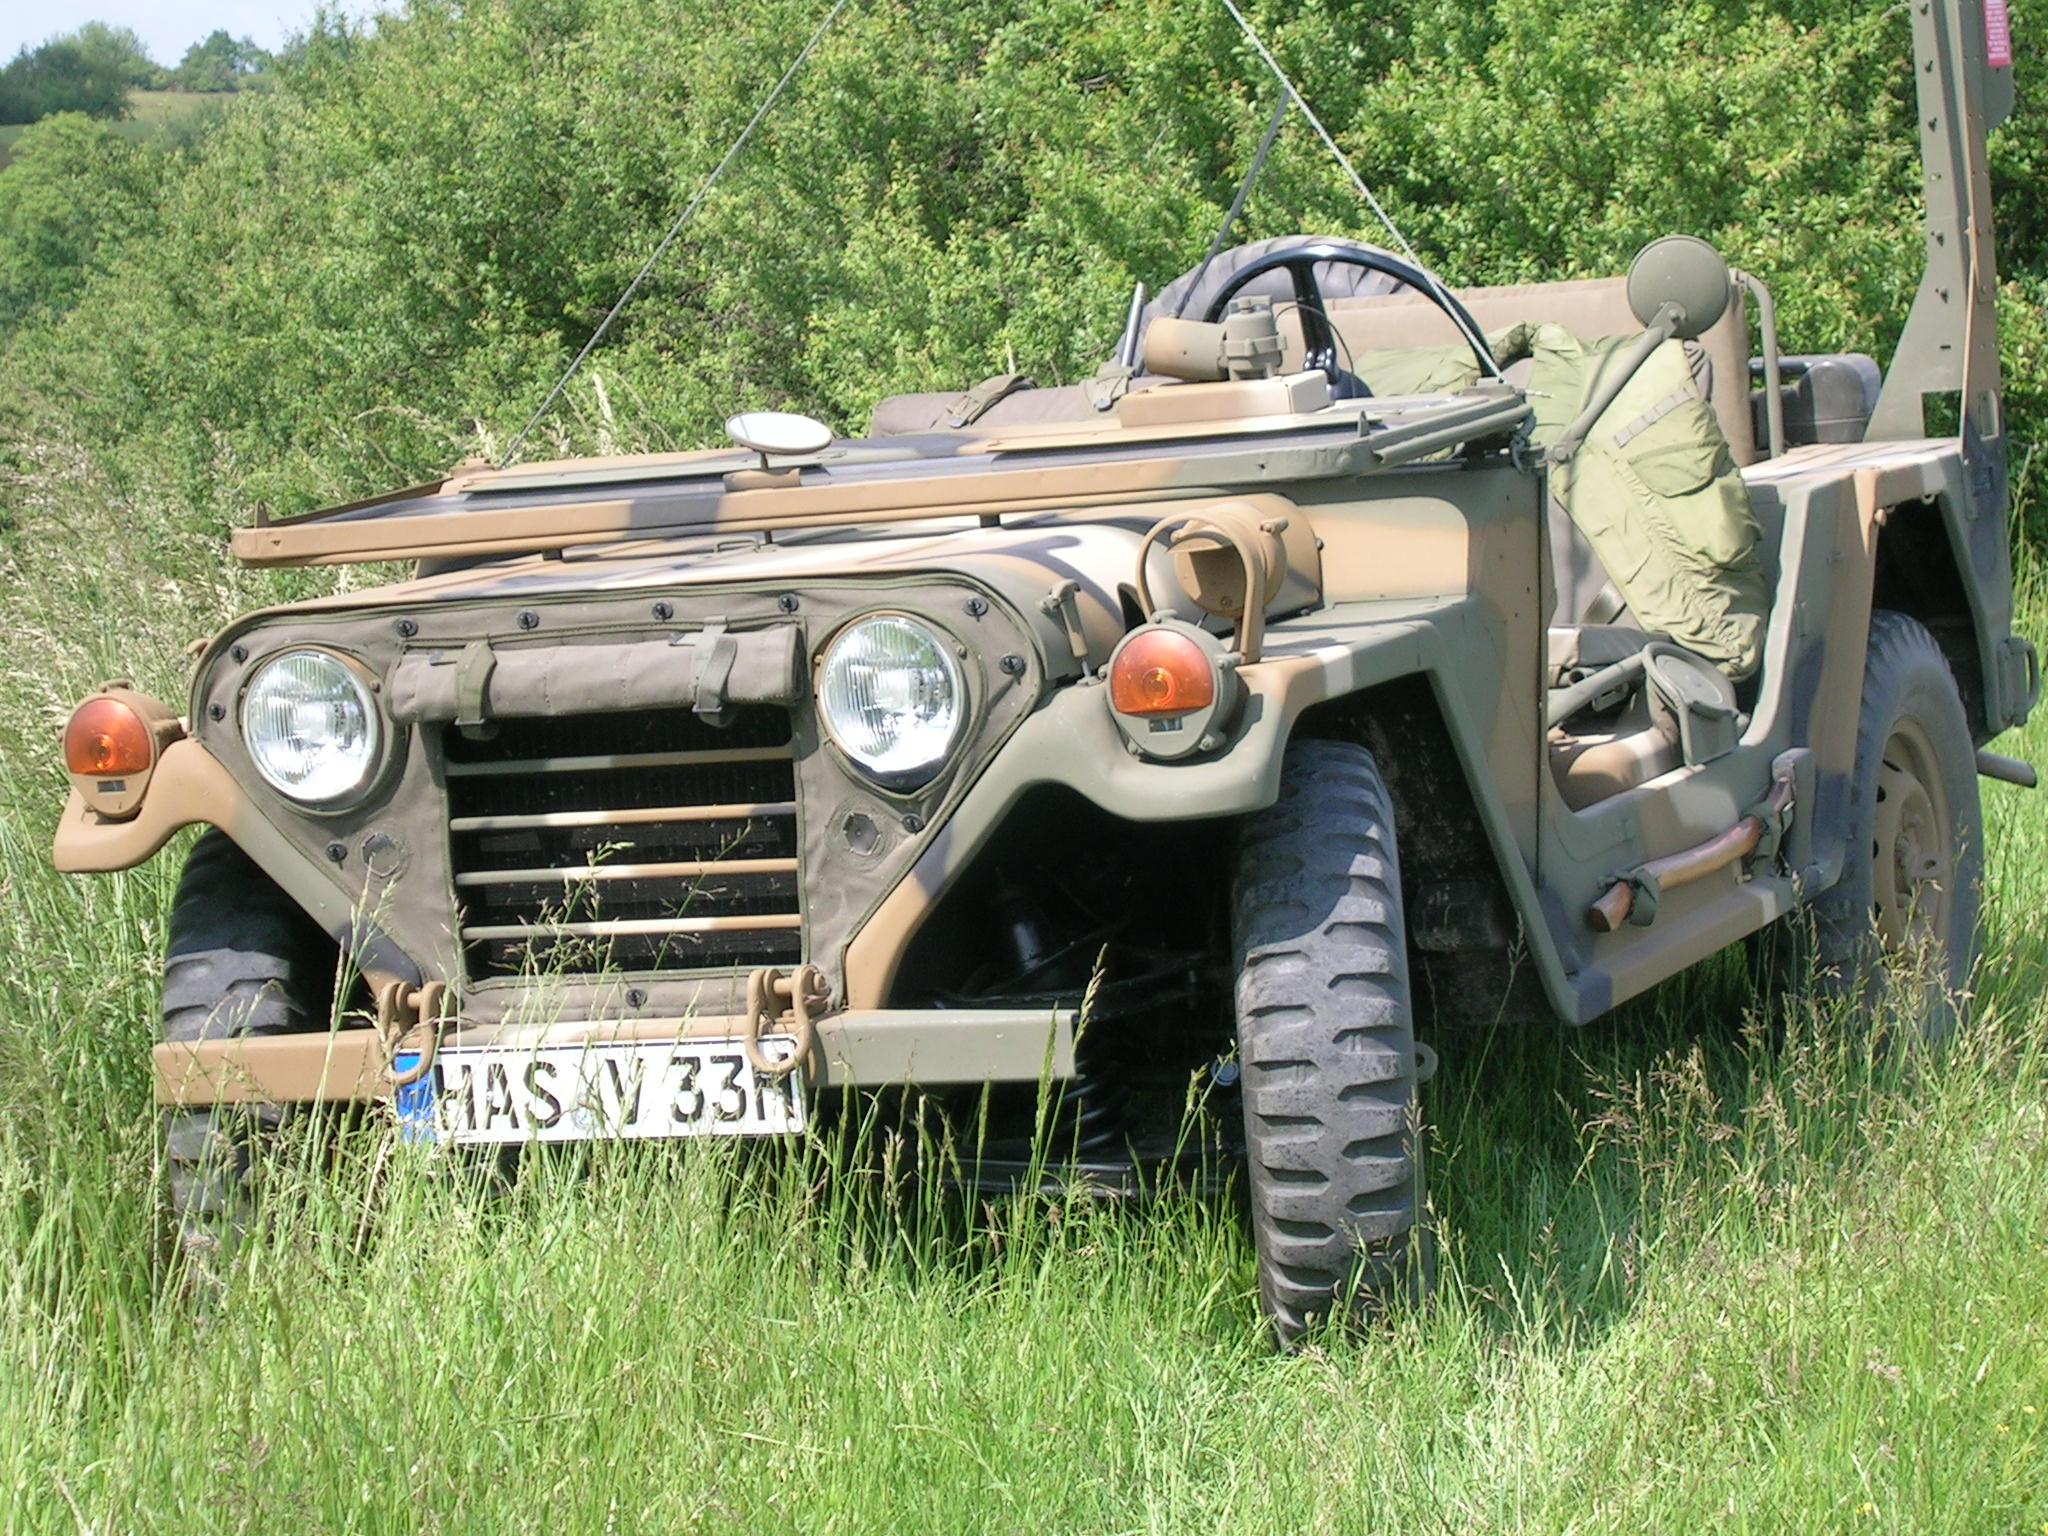 Ford Mutt M151 A2 ohne Verdeck und ohne Frontscheibe